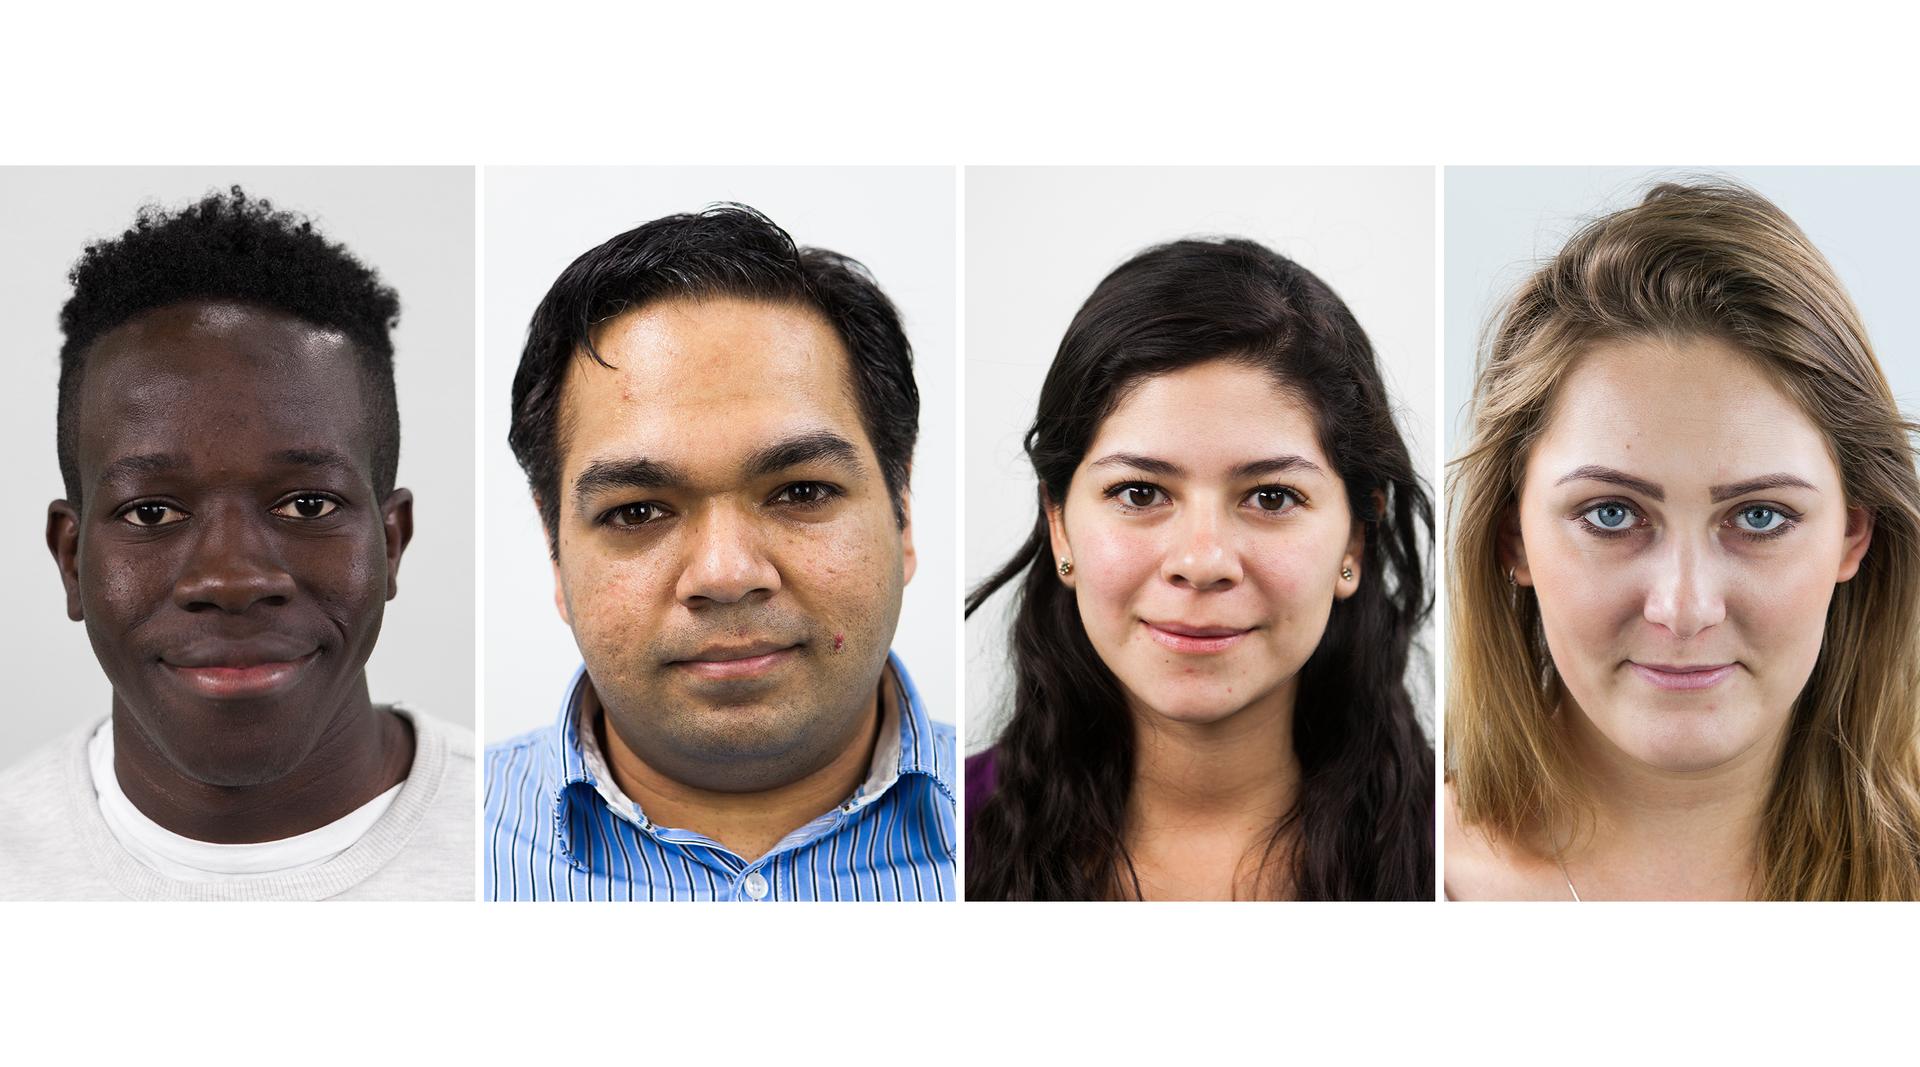 Fotografie przedstawiają portrety czterech osób różnej płci ioróżnym kolorze skóry.